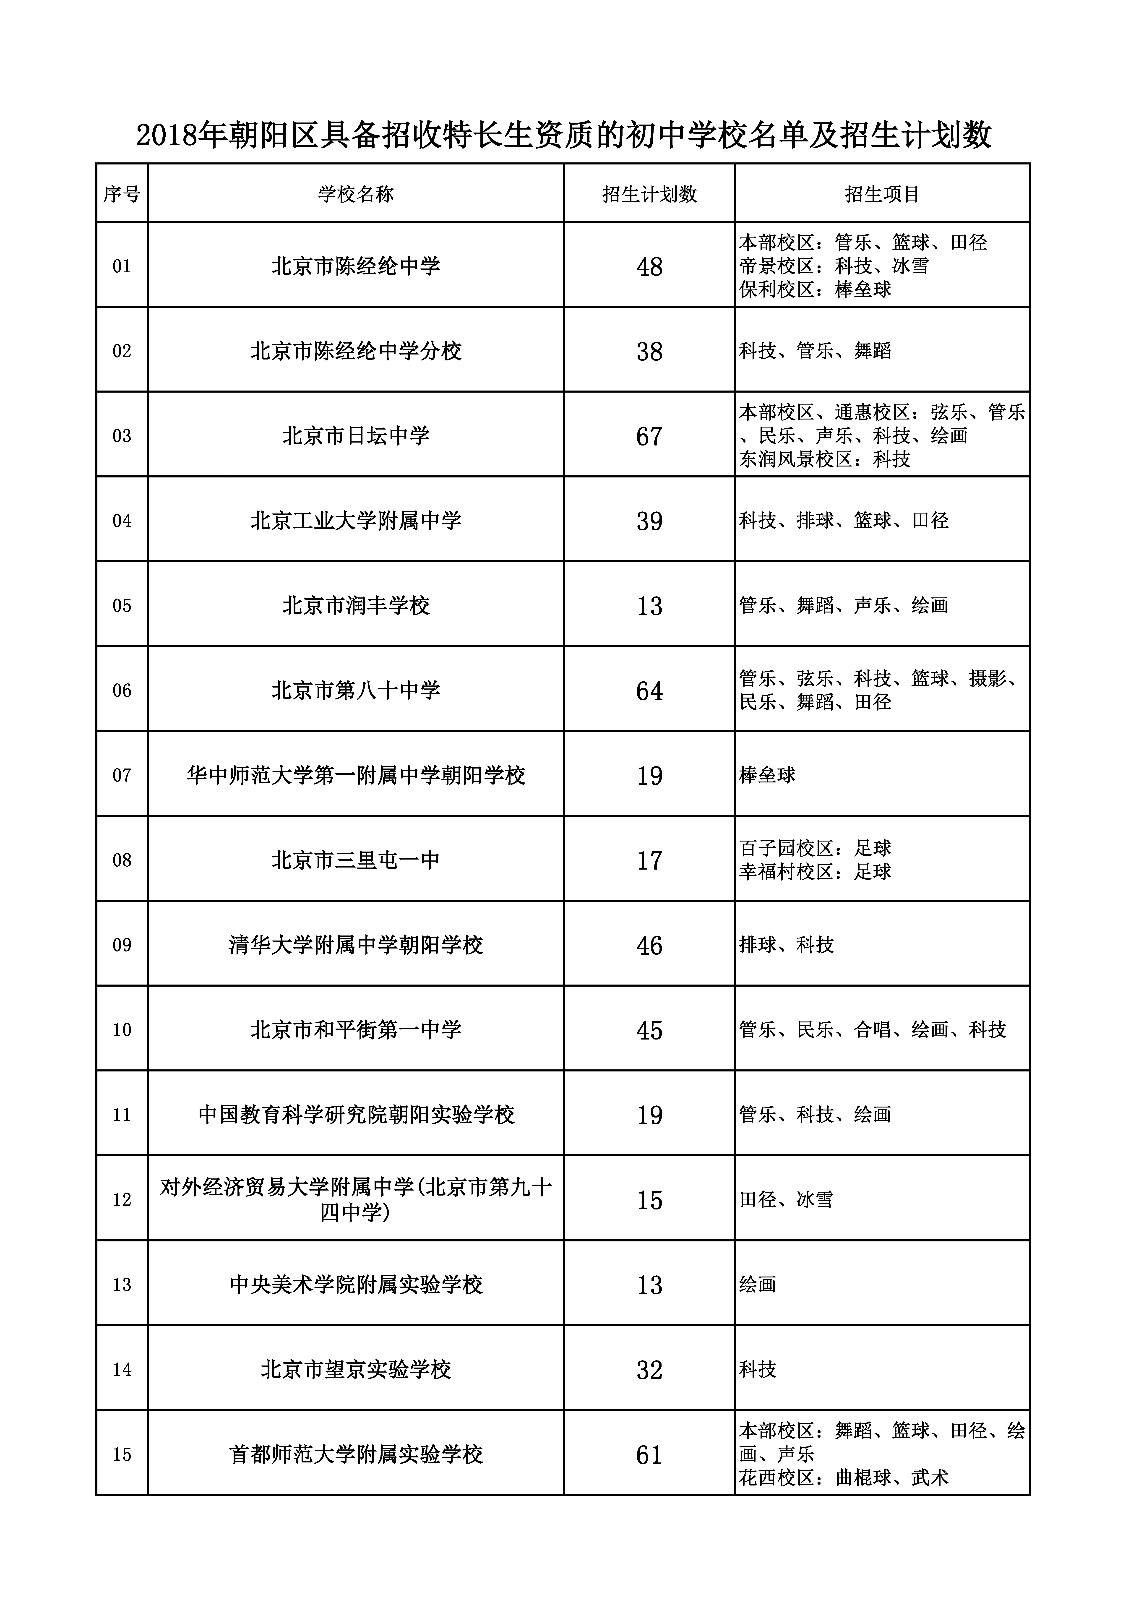 2018年朝阳区小升初特长生各校招生计划